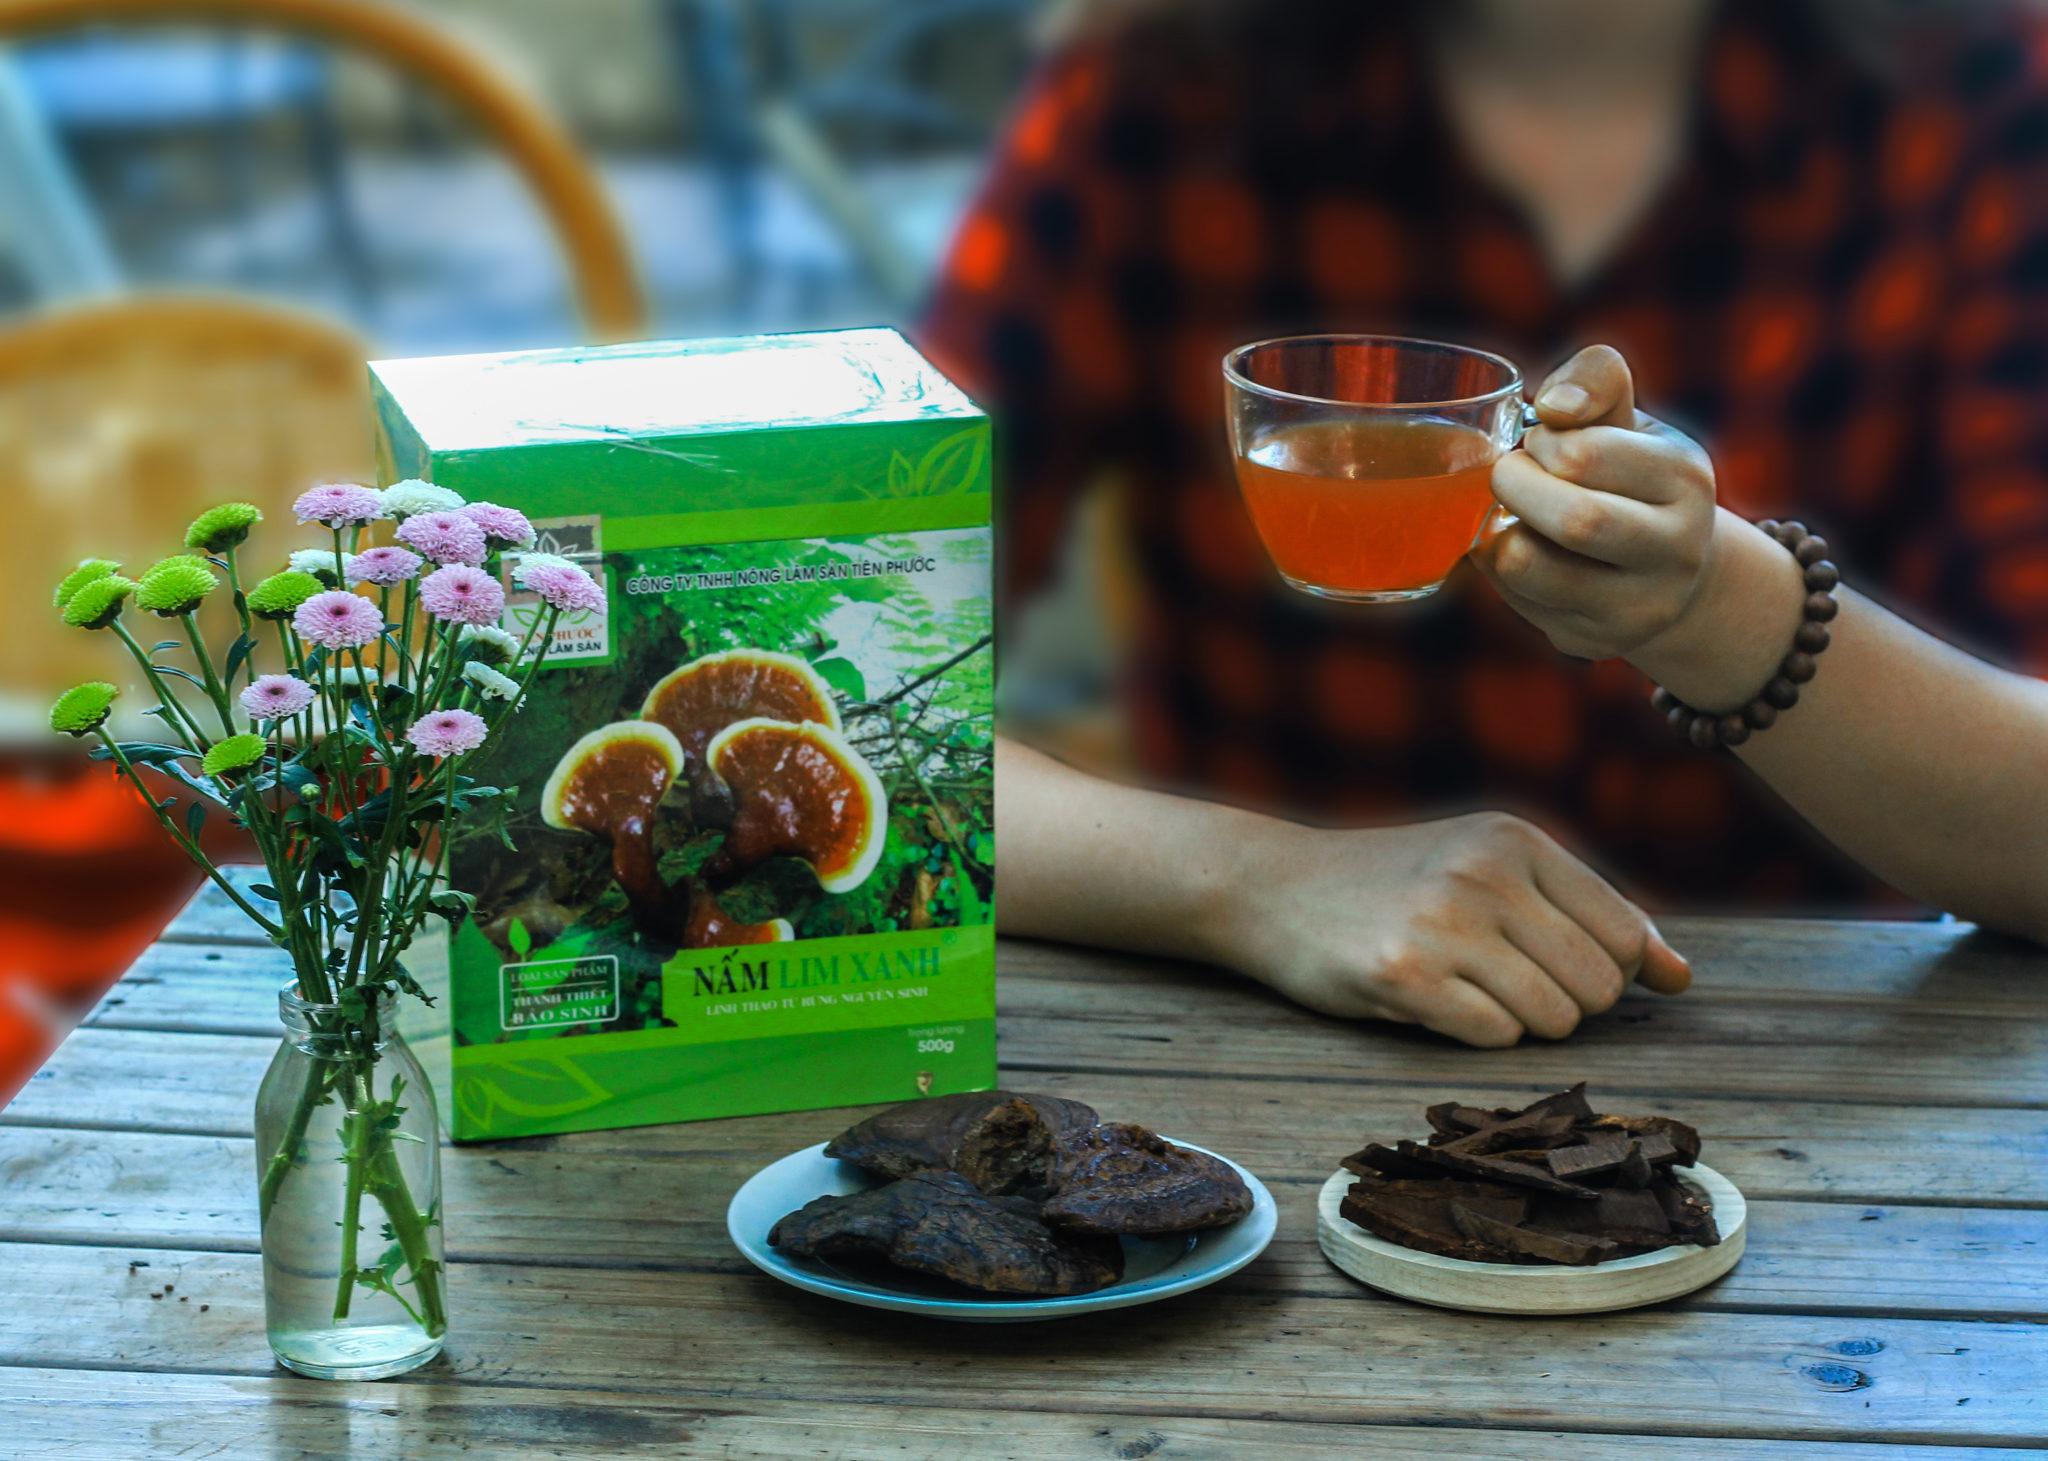 Đại lý bán nấm lim xanh tại Yên Bái cung cấp sản phẩm nấm lim xanh rừng tự nhiên